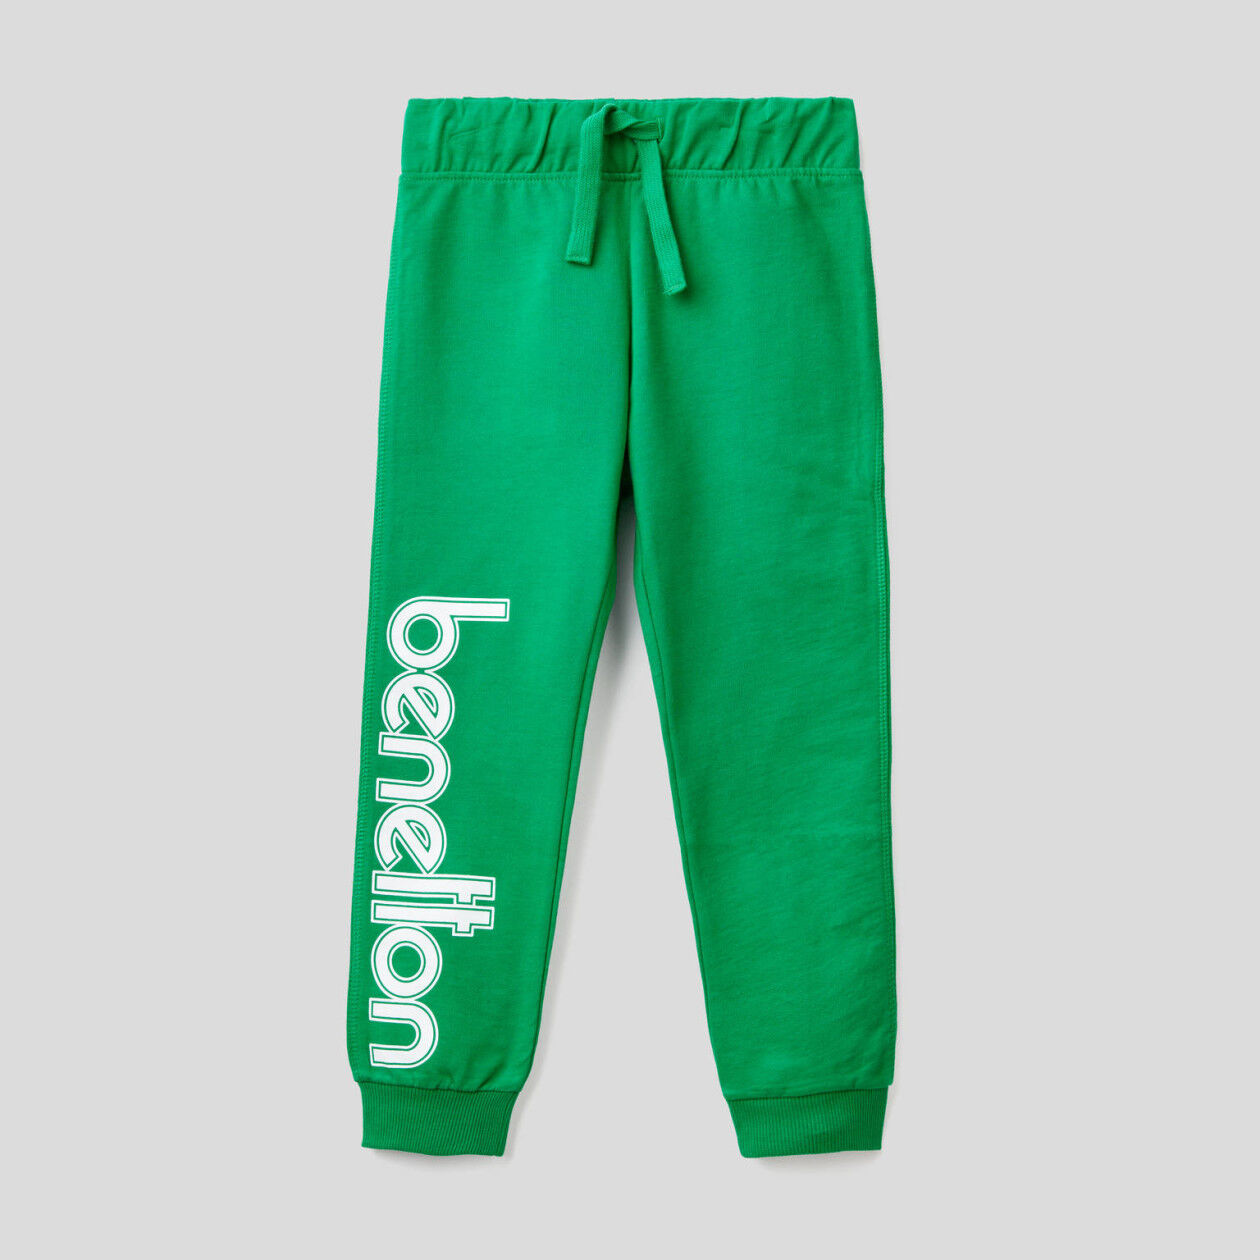 Παντελόνι φούτερ 100% βαμβακερό με λογότυπο